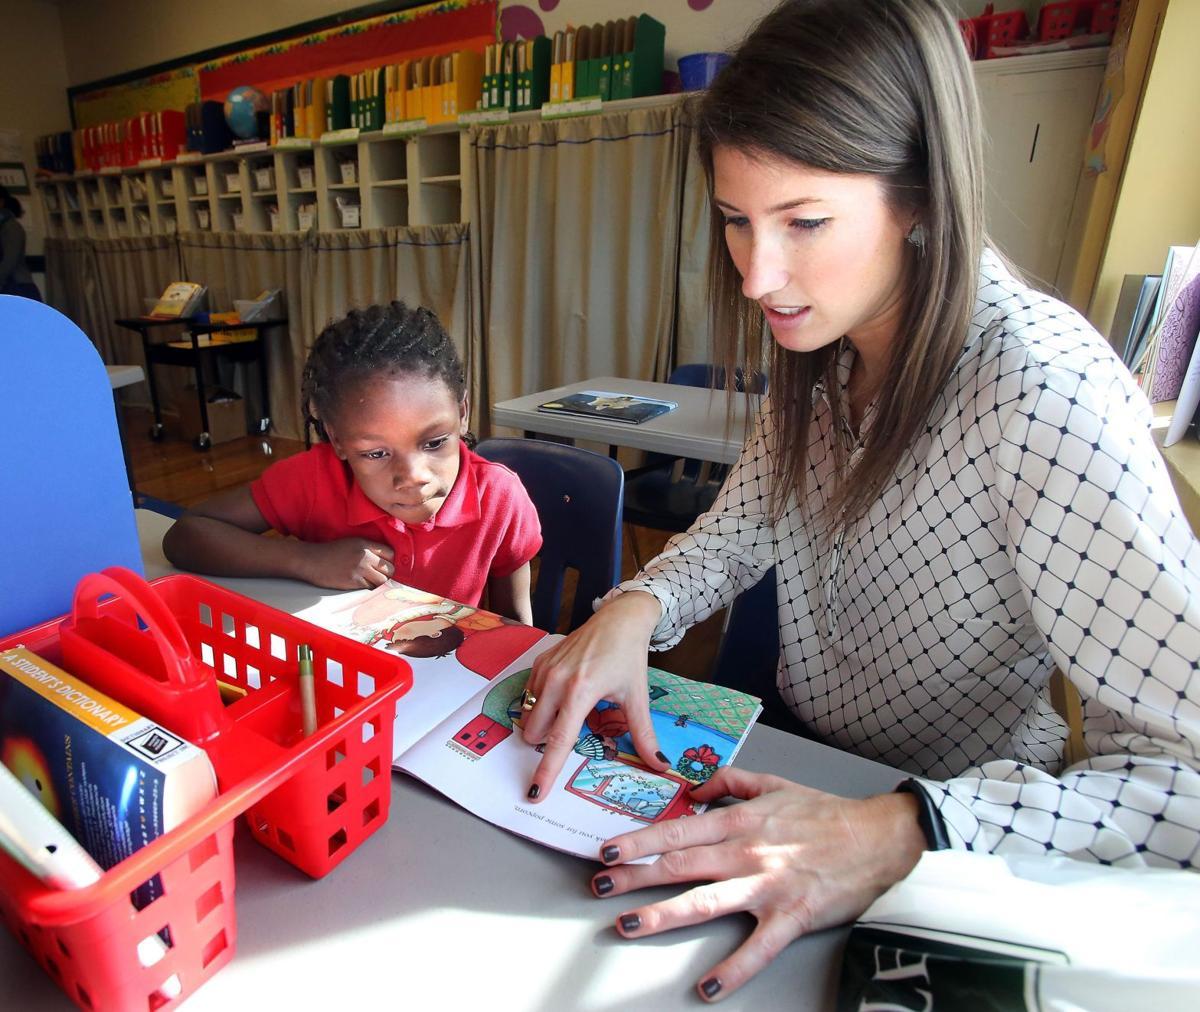 Literacy group seeks volunteers for Charleston County students